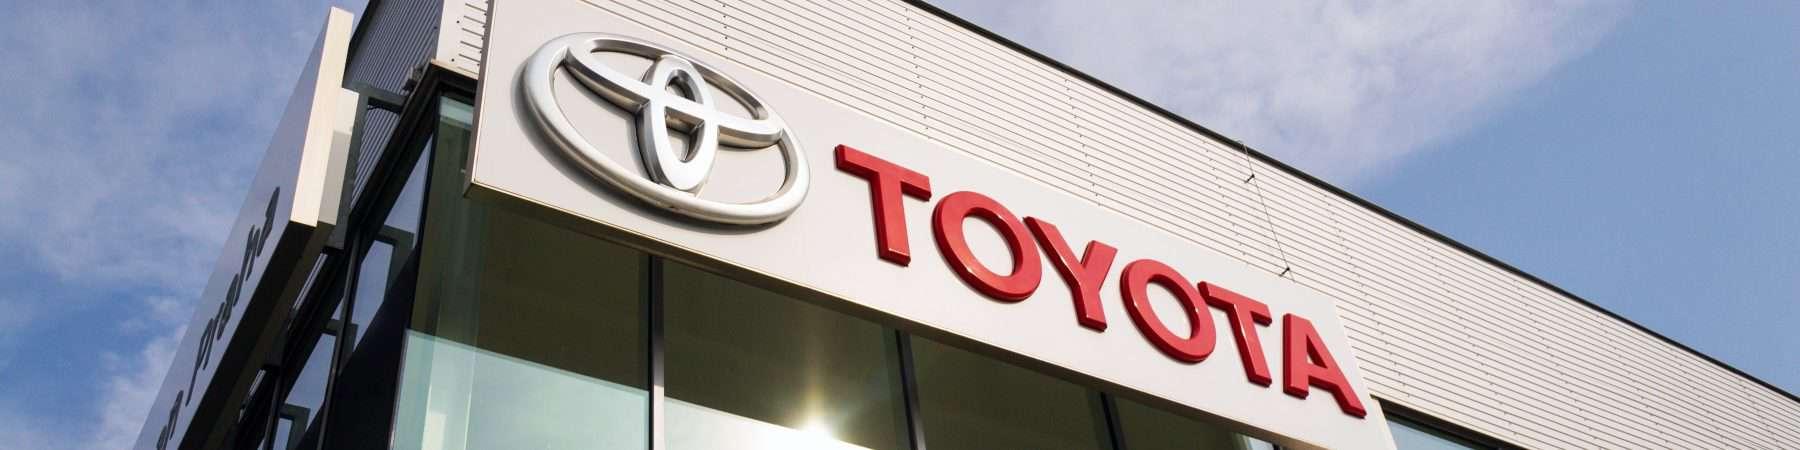 Toyota facade